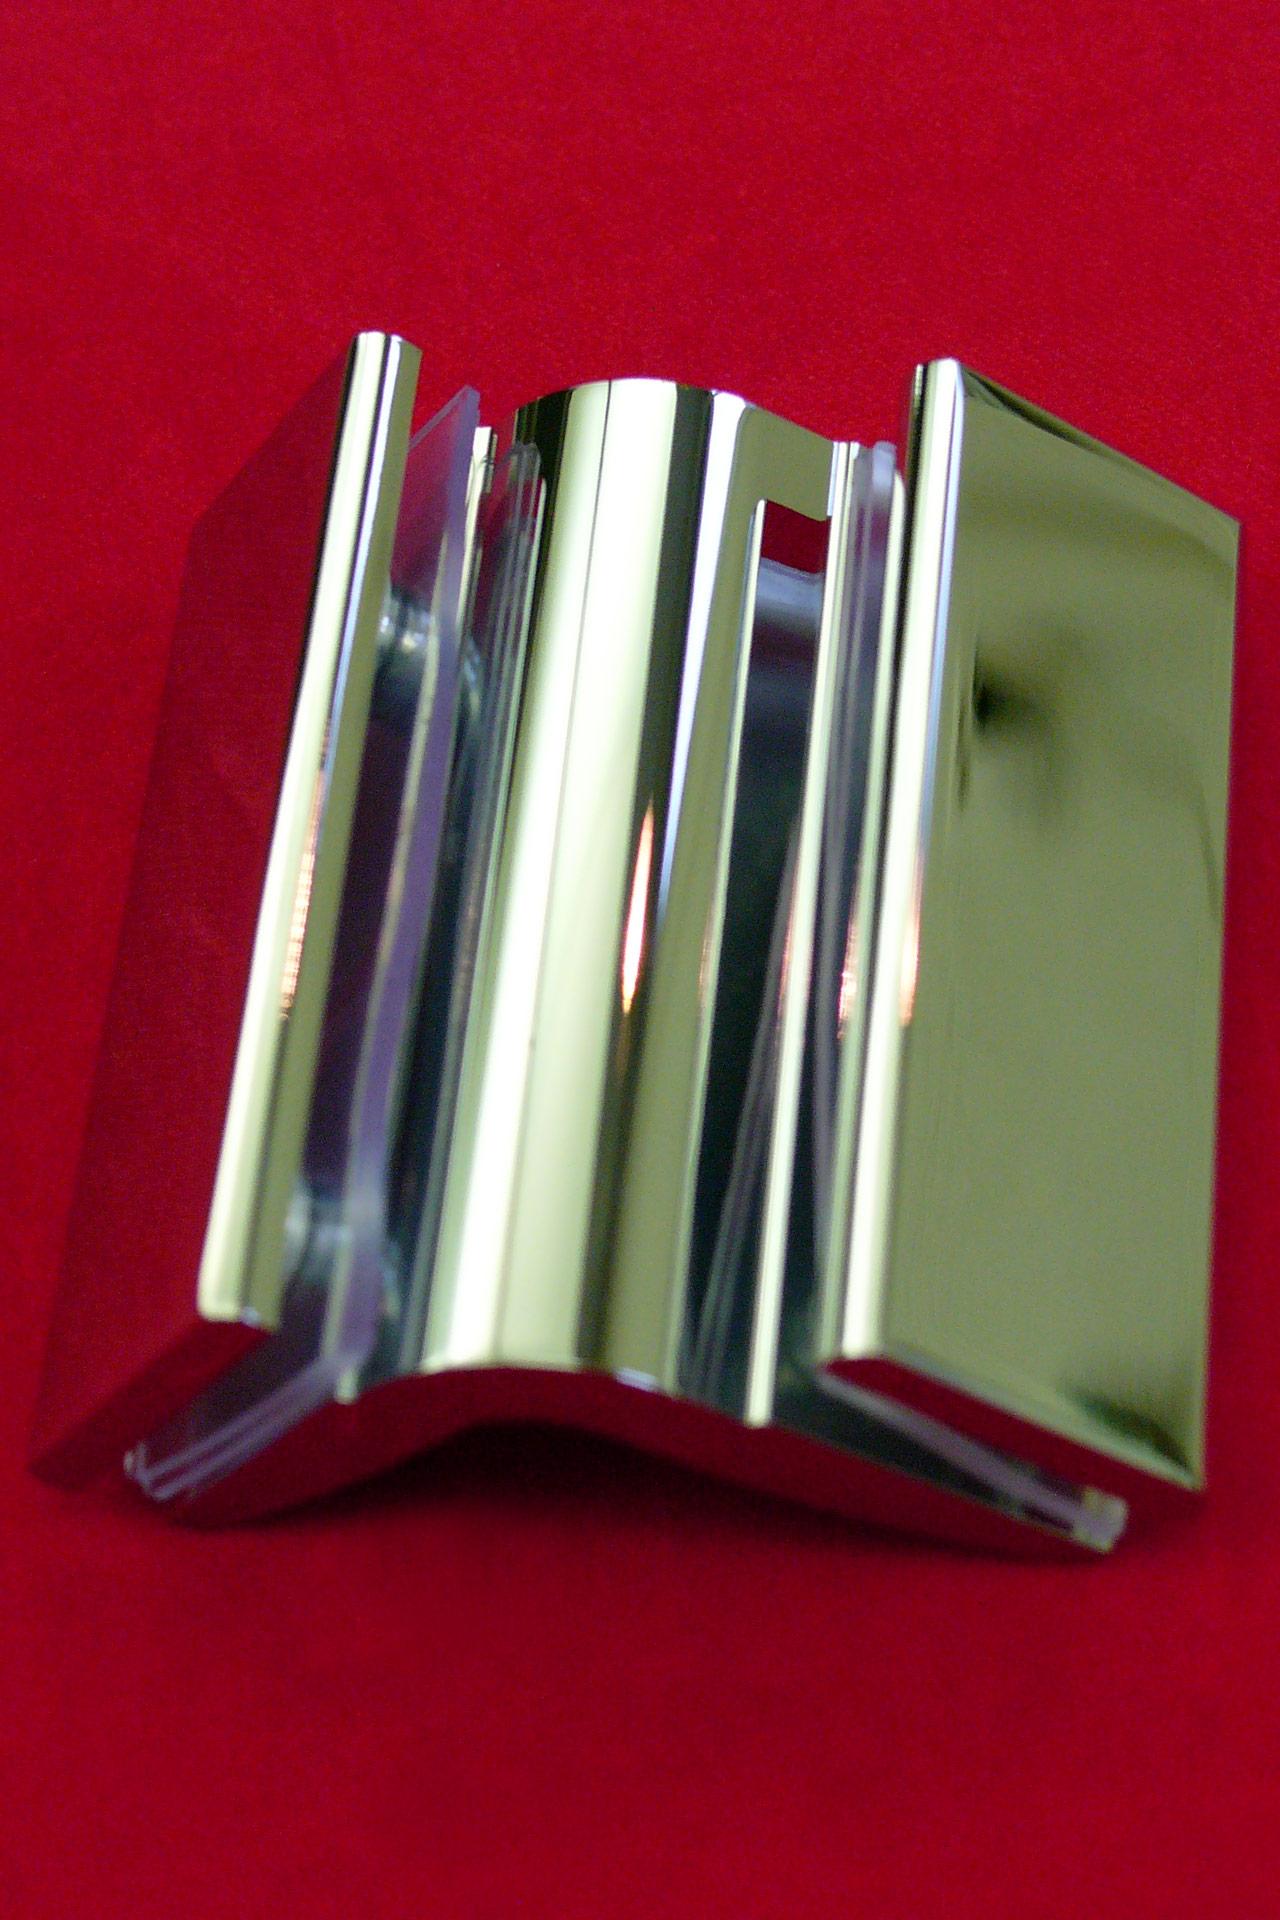 SD 943 profil d'angle verre - verre 90°